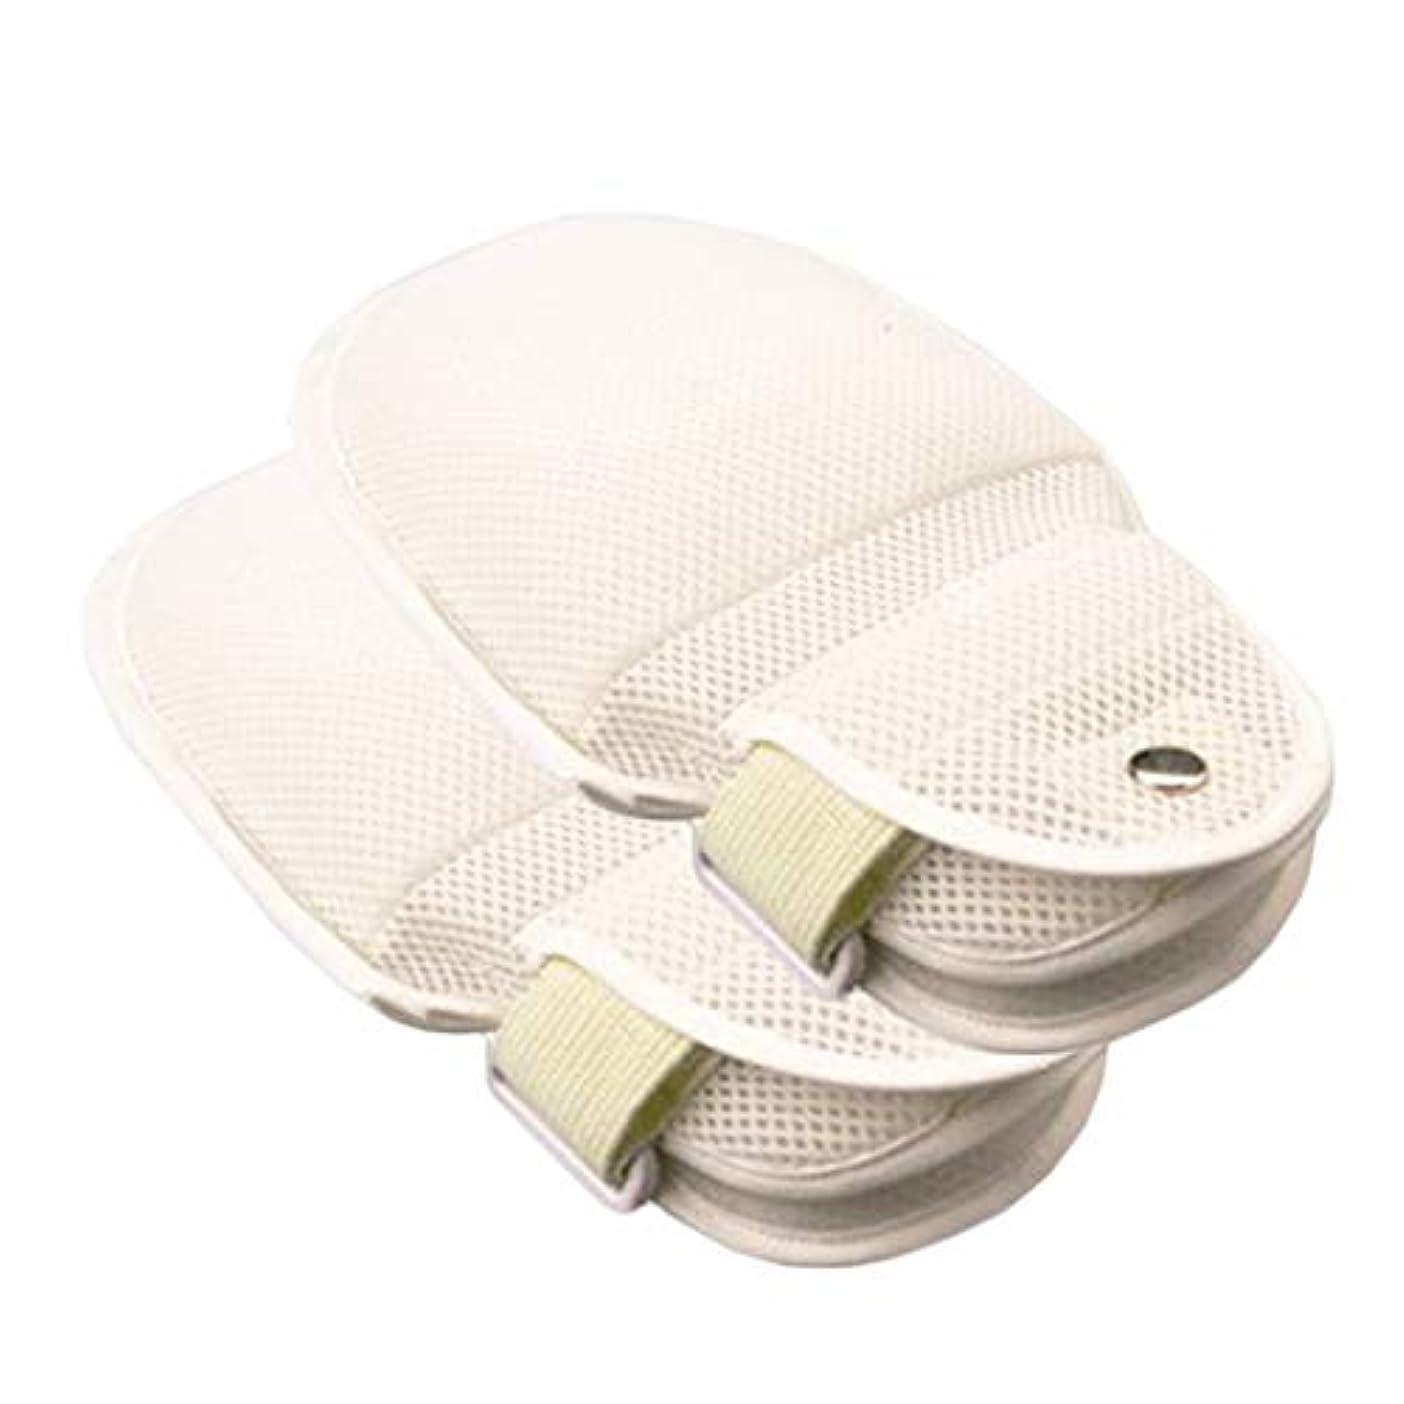 有望型エゴイズムフィンガーコントロールミット - 抗引っ張りチューブスクラッチ用品、柔らかい拘束手袋 - 認知症患者と高齢者のための手首拘束,2pcs